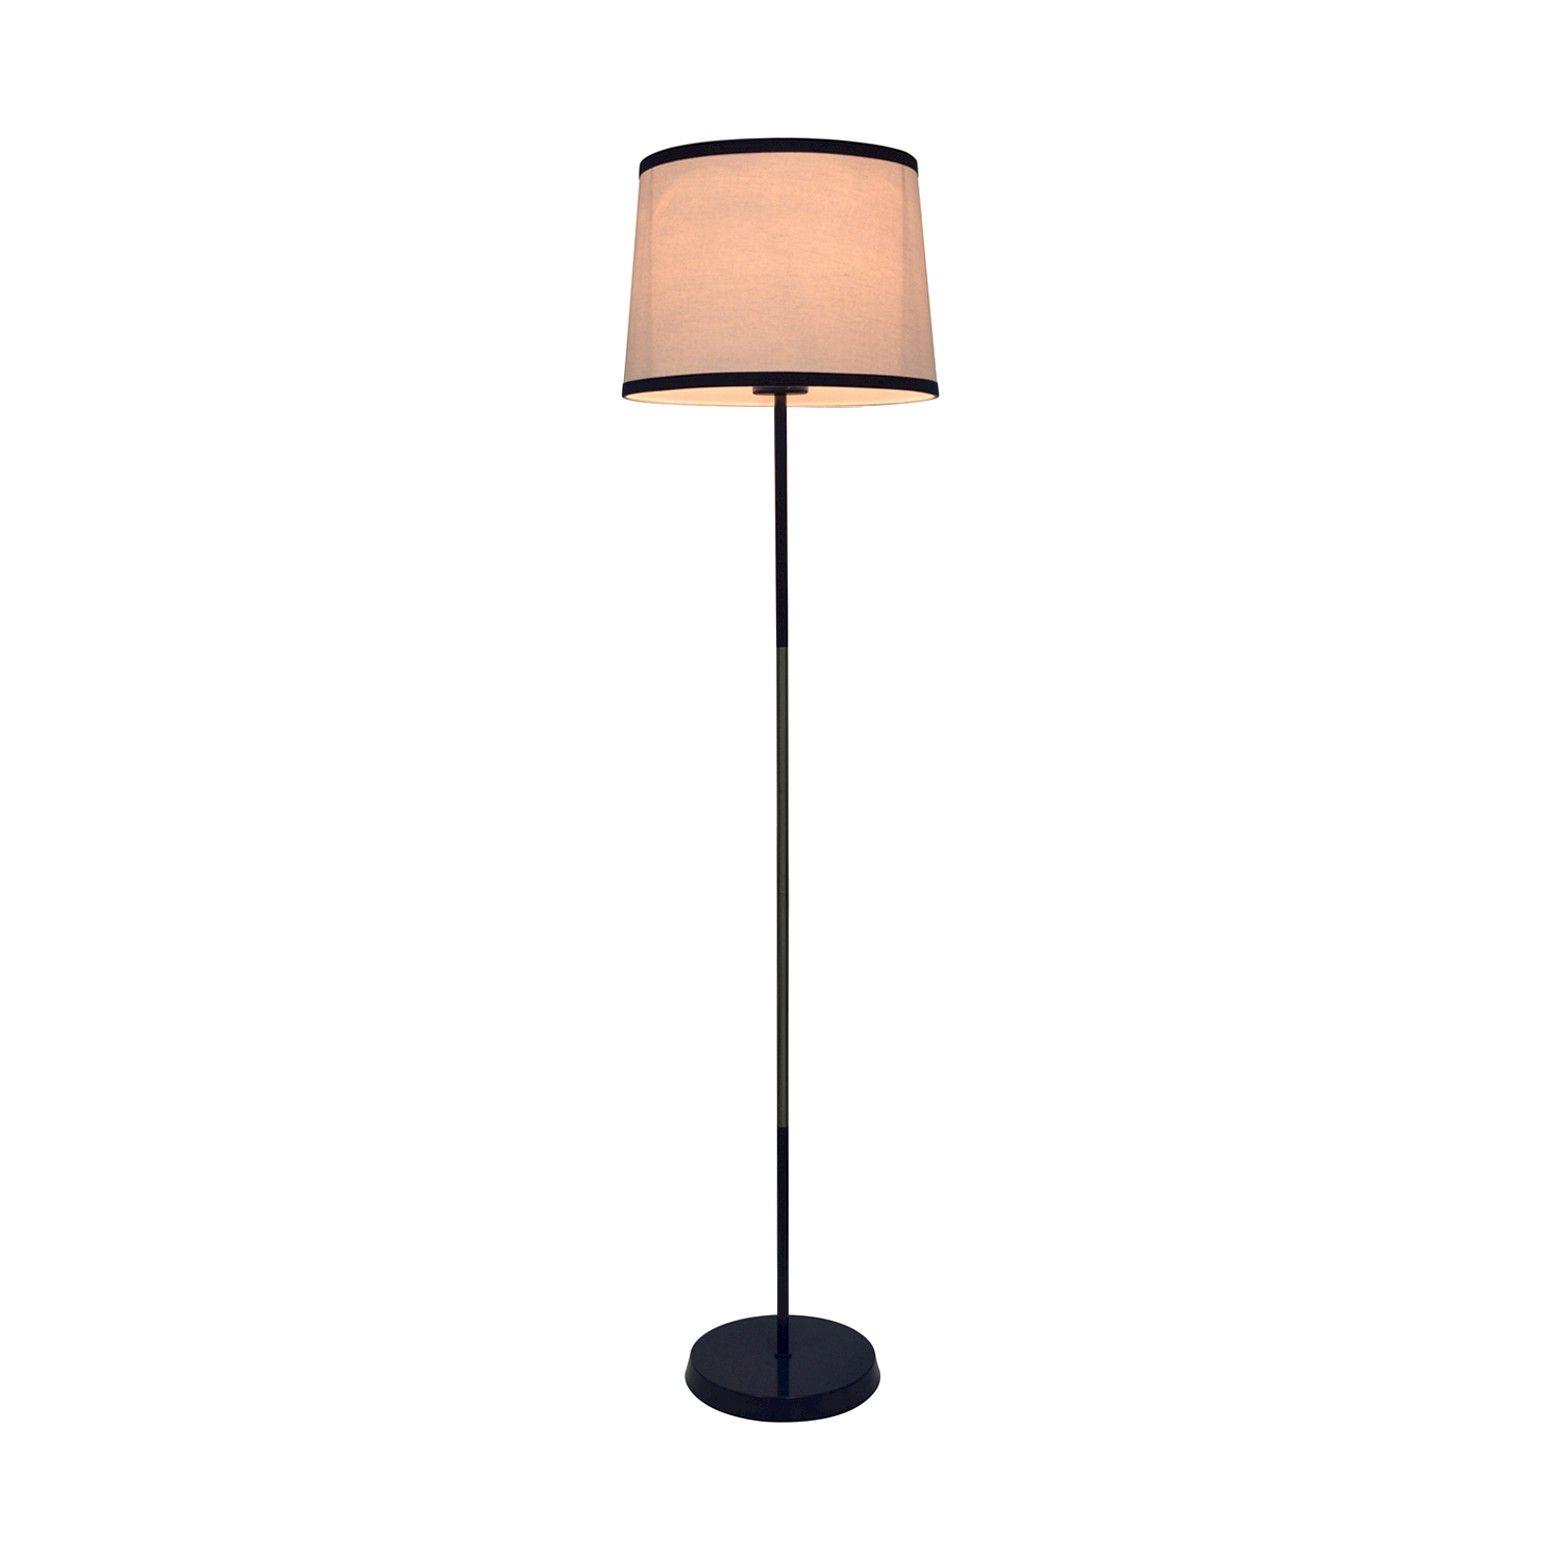 Floor Lamp - Pillowfort™ | Floor lamp, Lamp, Drum lampshade